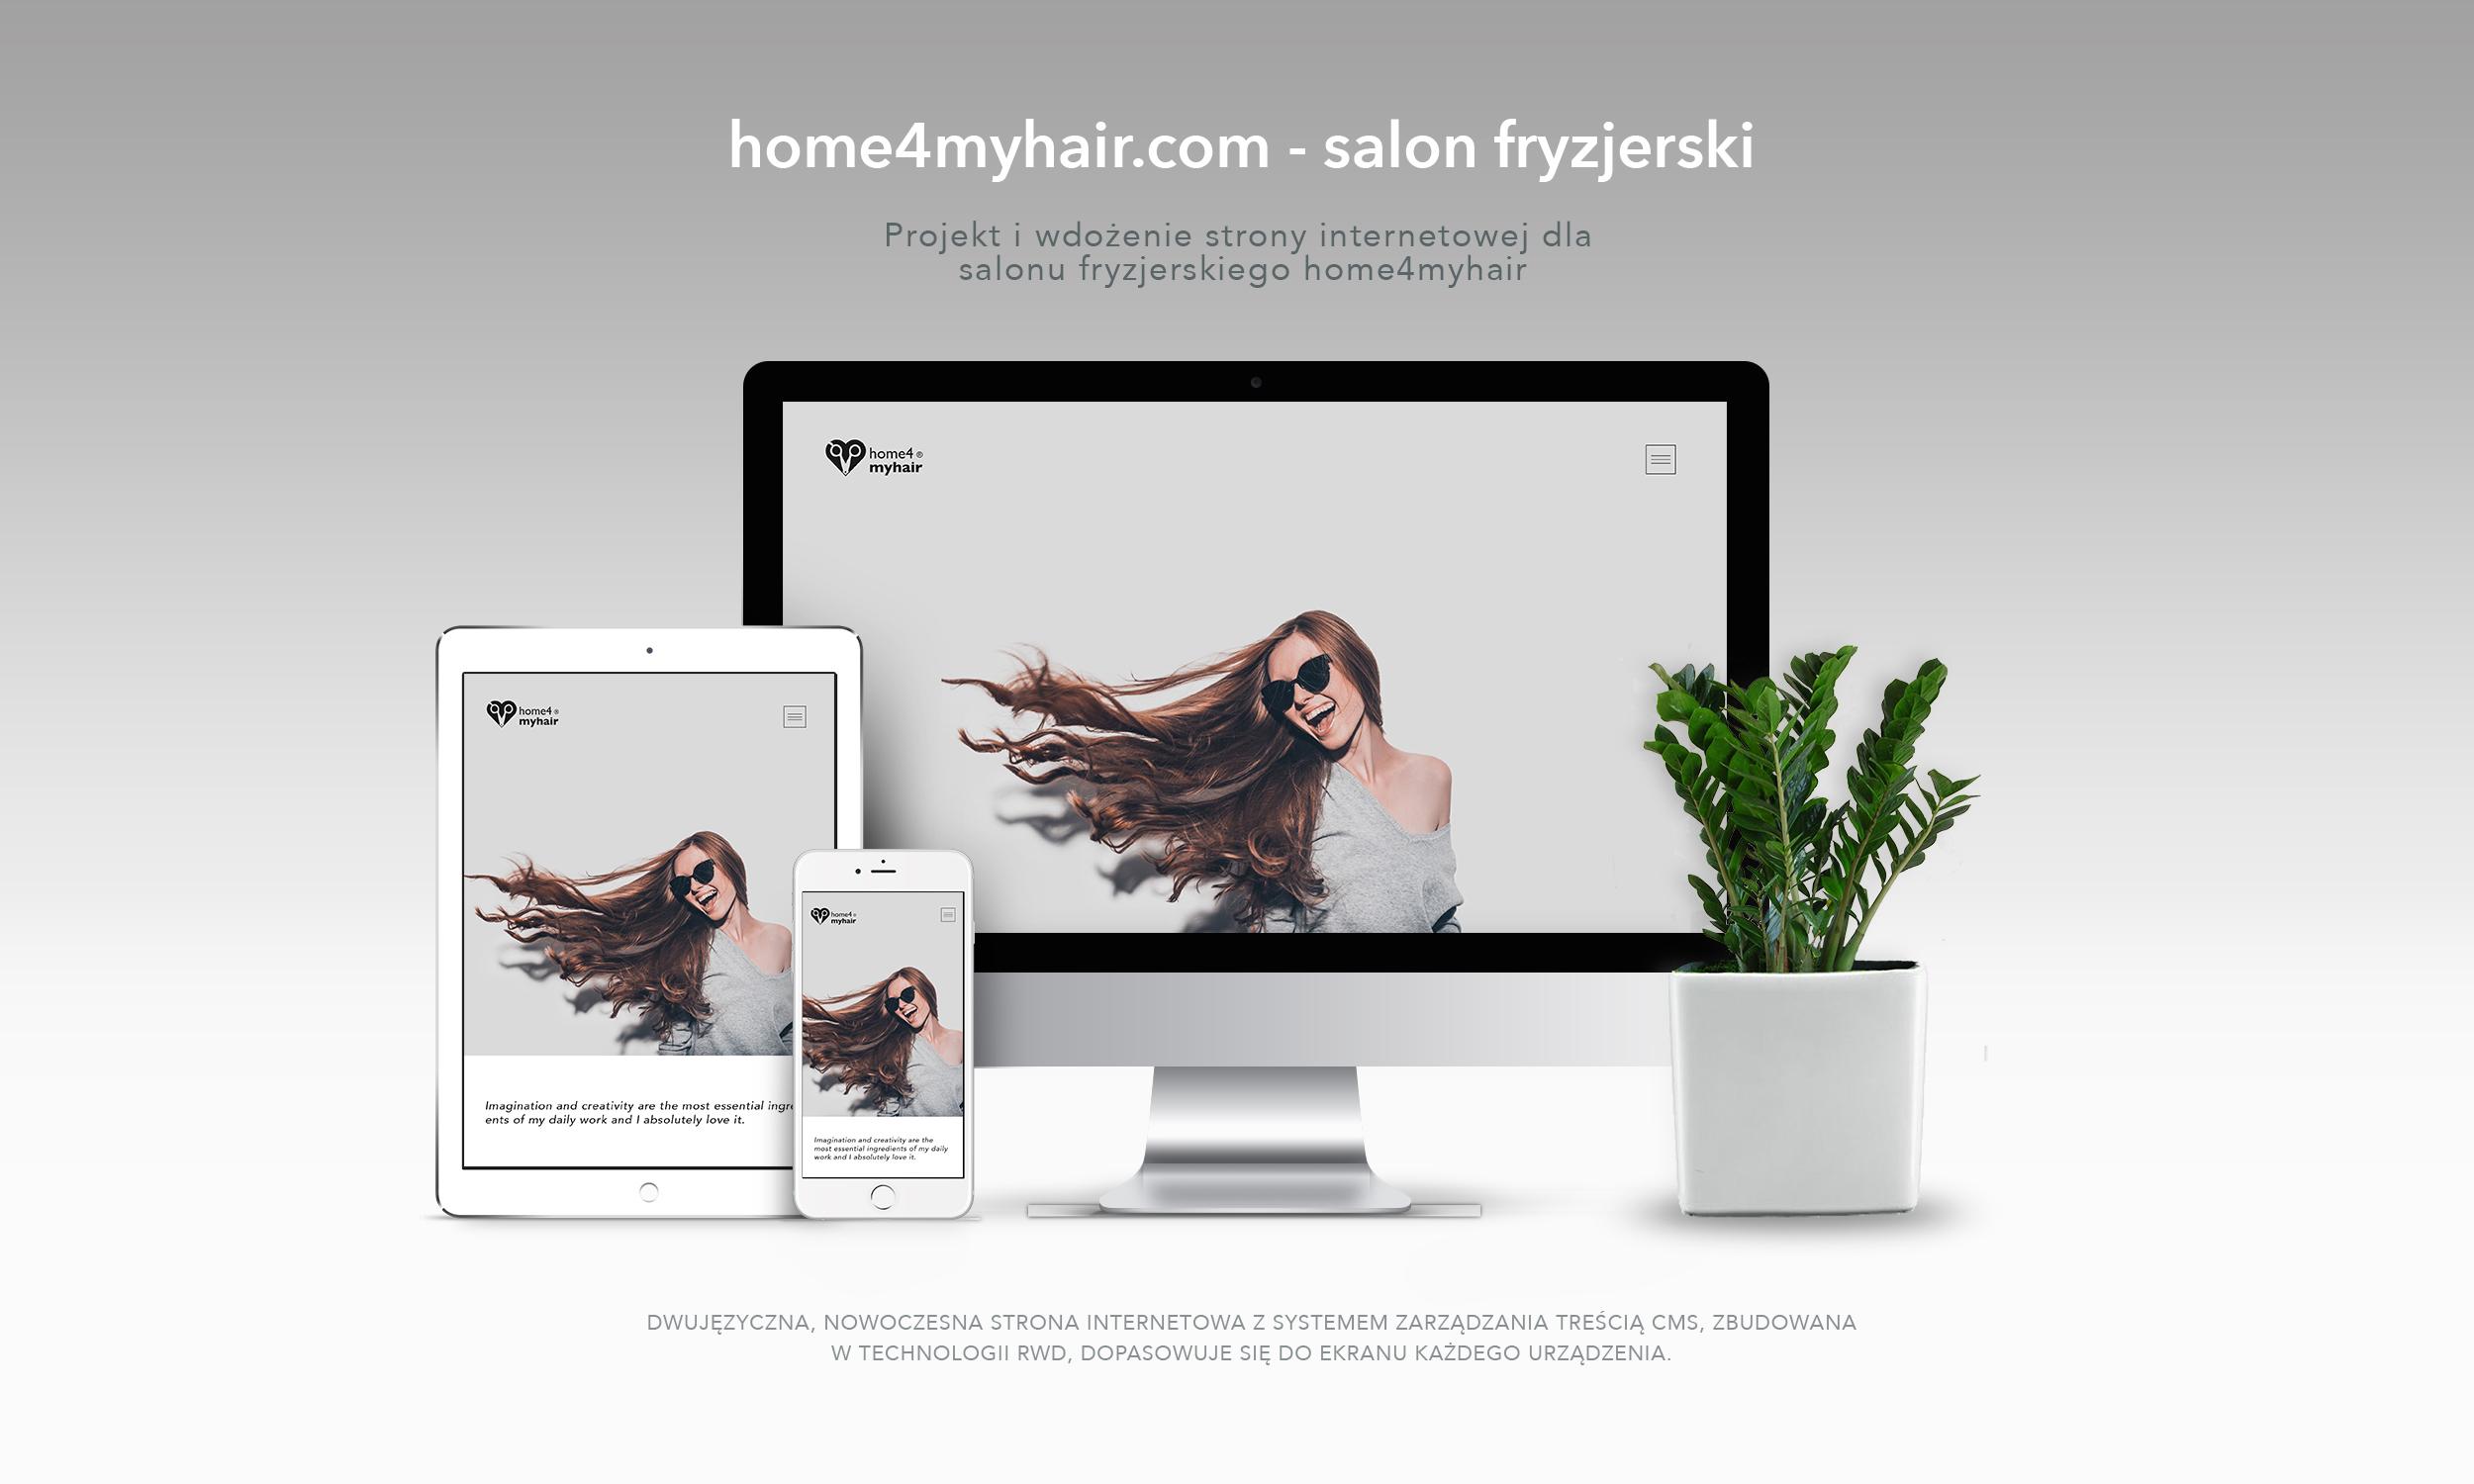 home4myhairprezentacja strony na urządzeniach